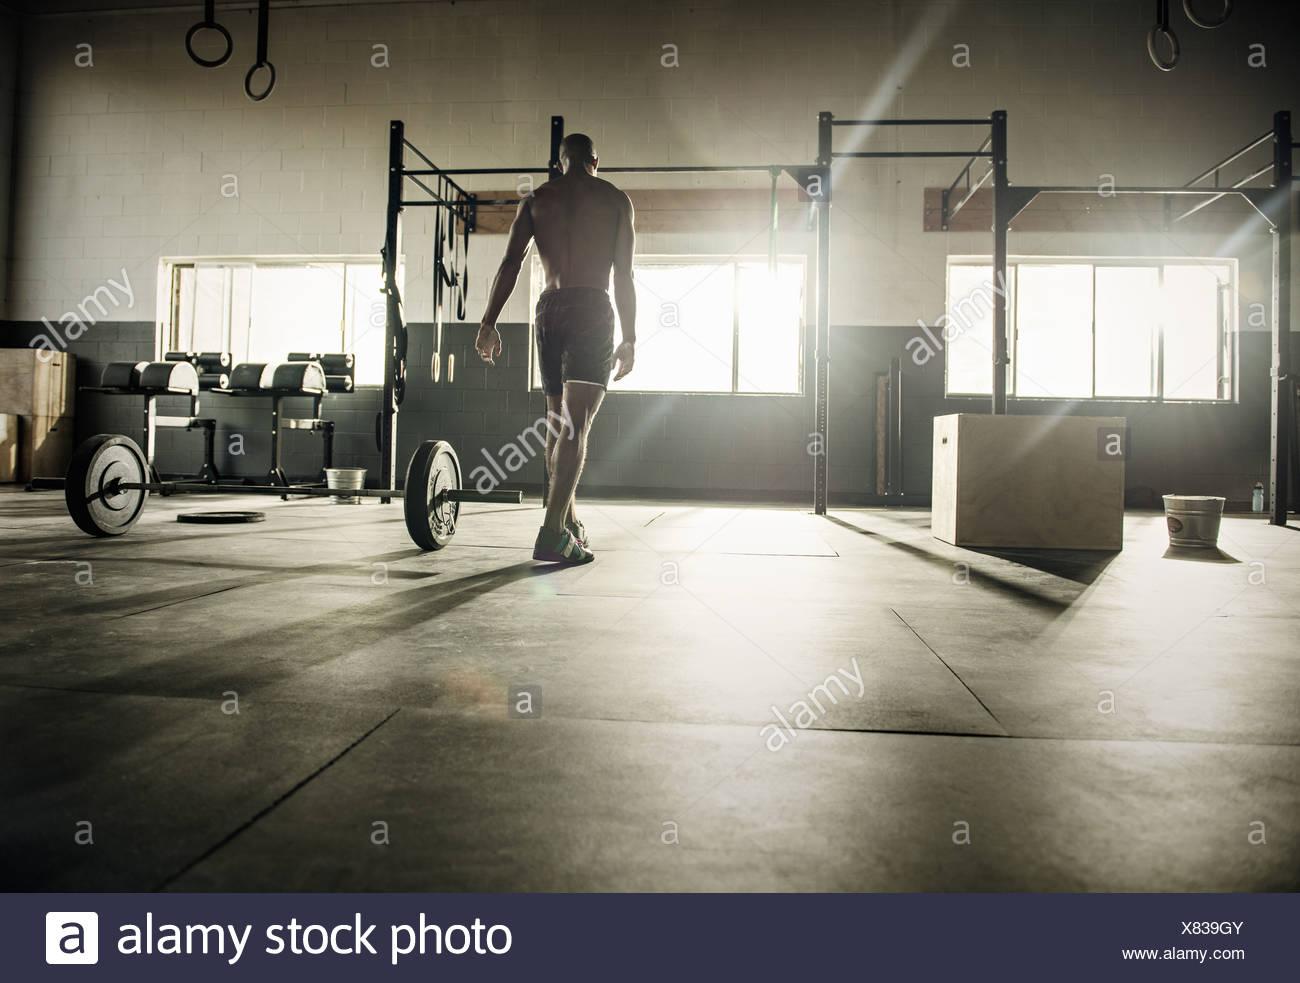 Jeune homme préparait pour l'exercice bar in gymnasium Photo Stock